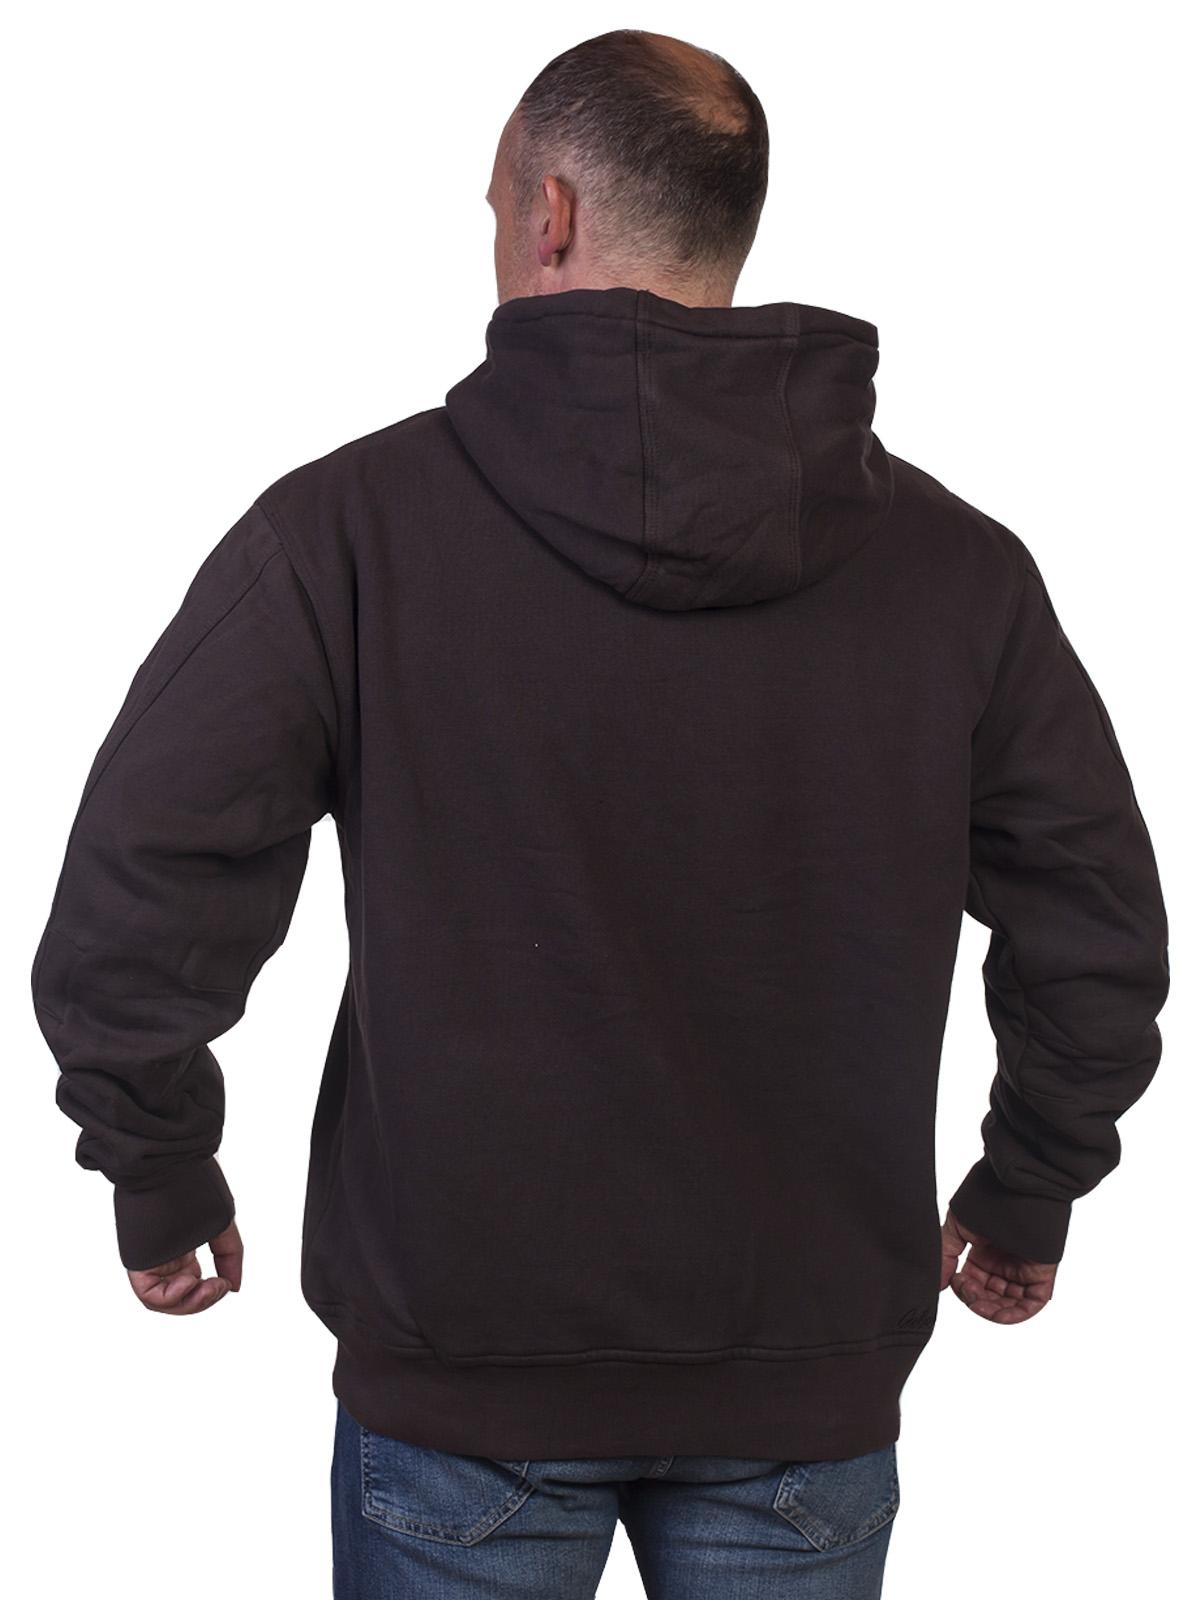 Недорогая мужская толстовка с капюшоном – качественный пошив